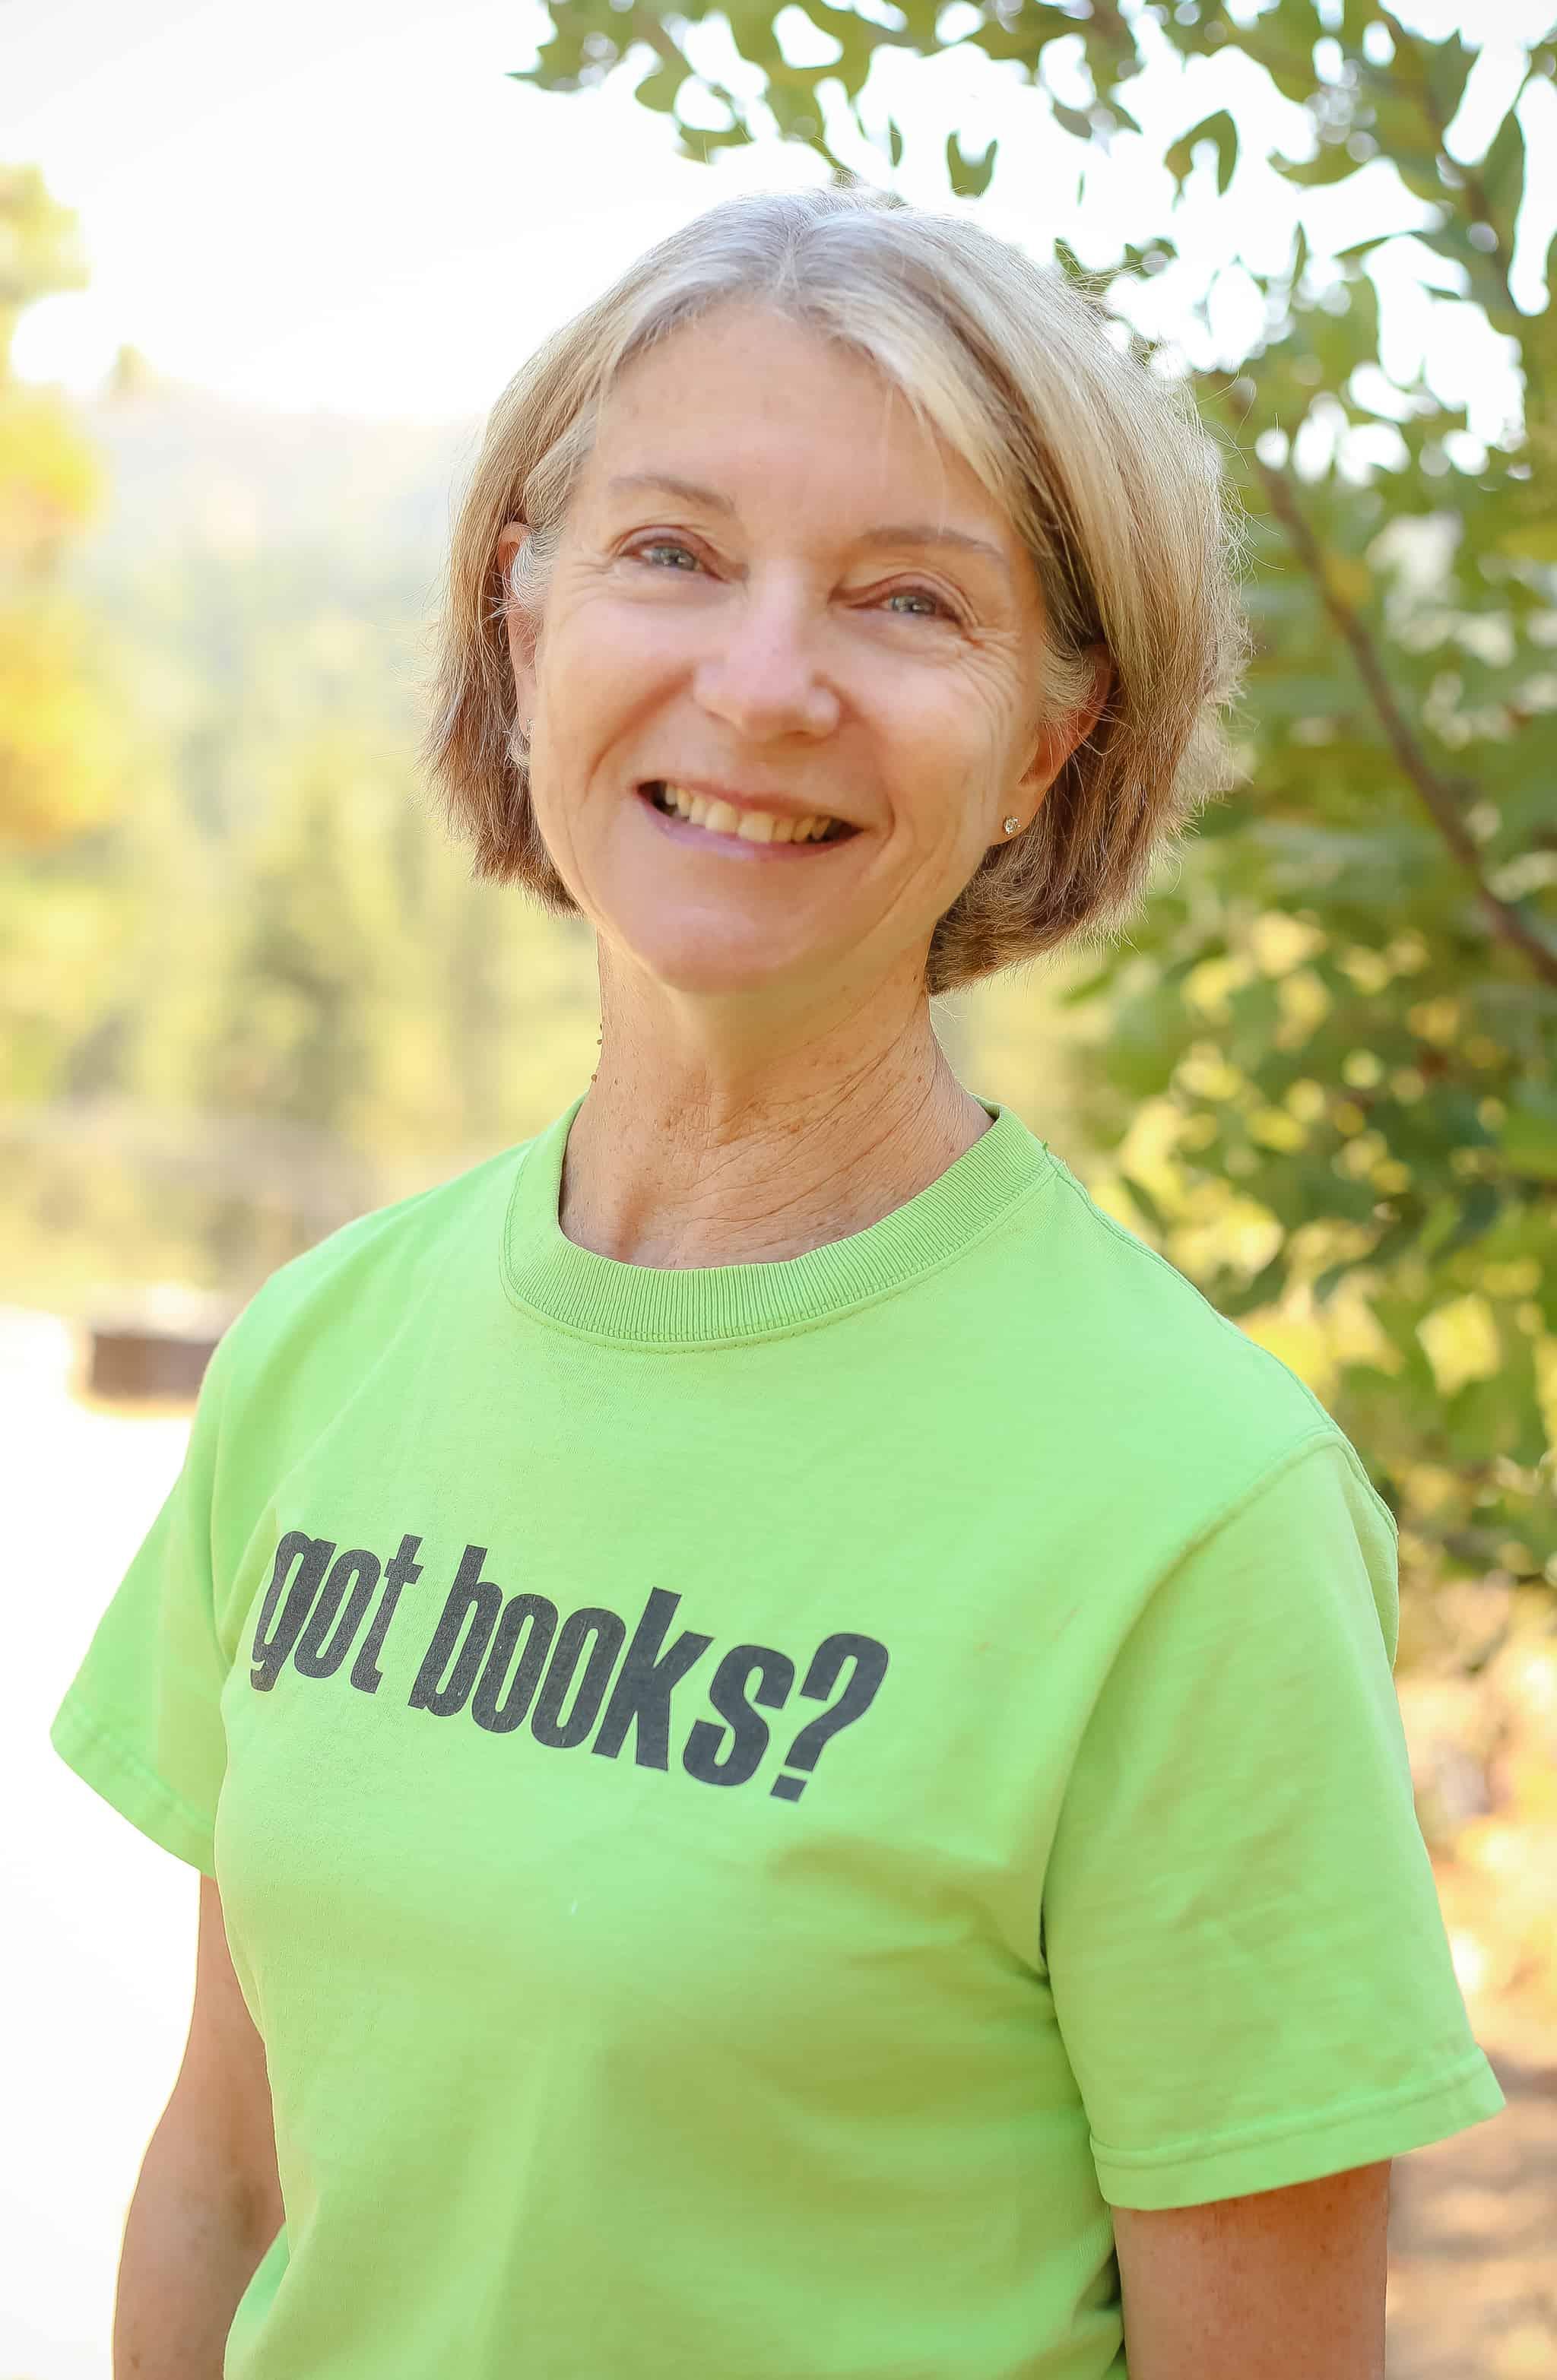 Author Erin Dealey